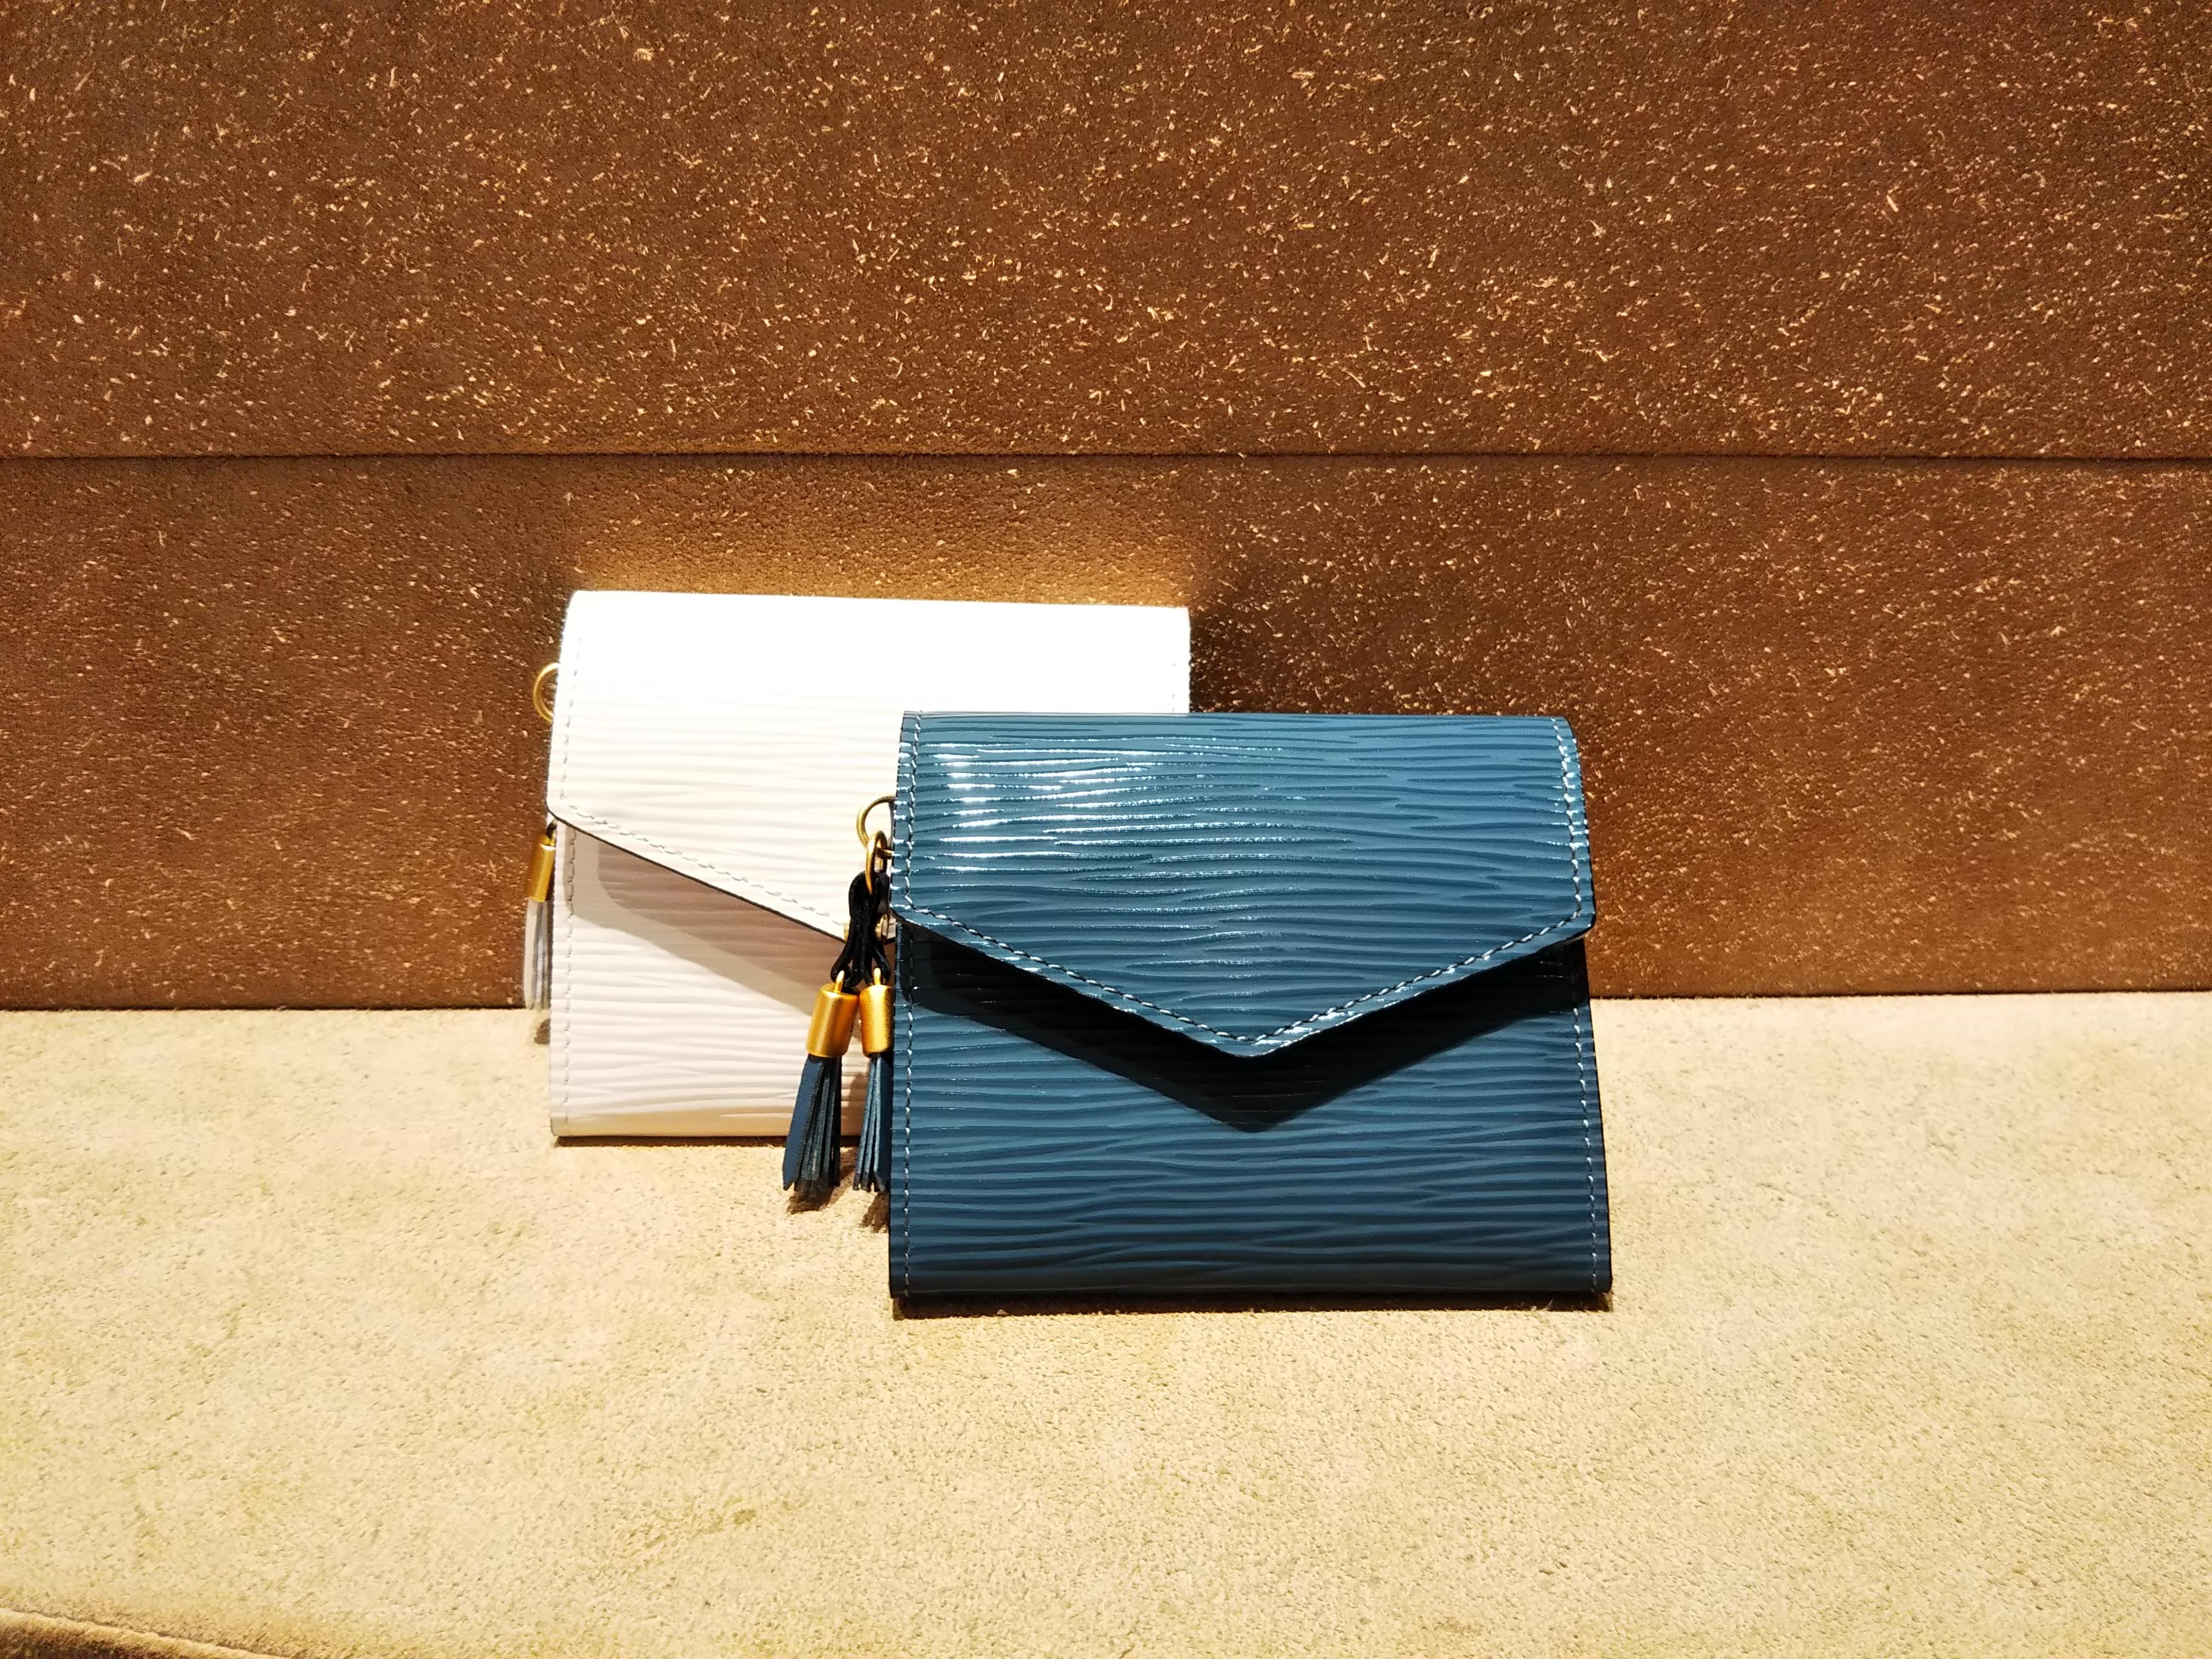 オリオン ギャルソンマルチケース(小さい財布)